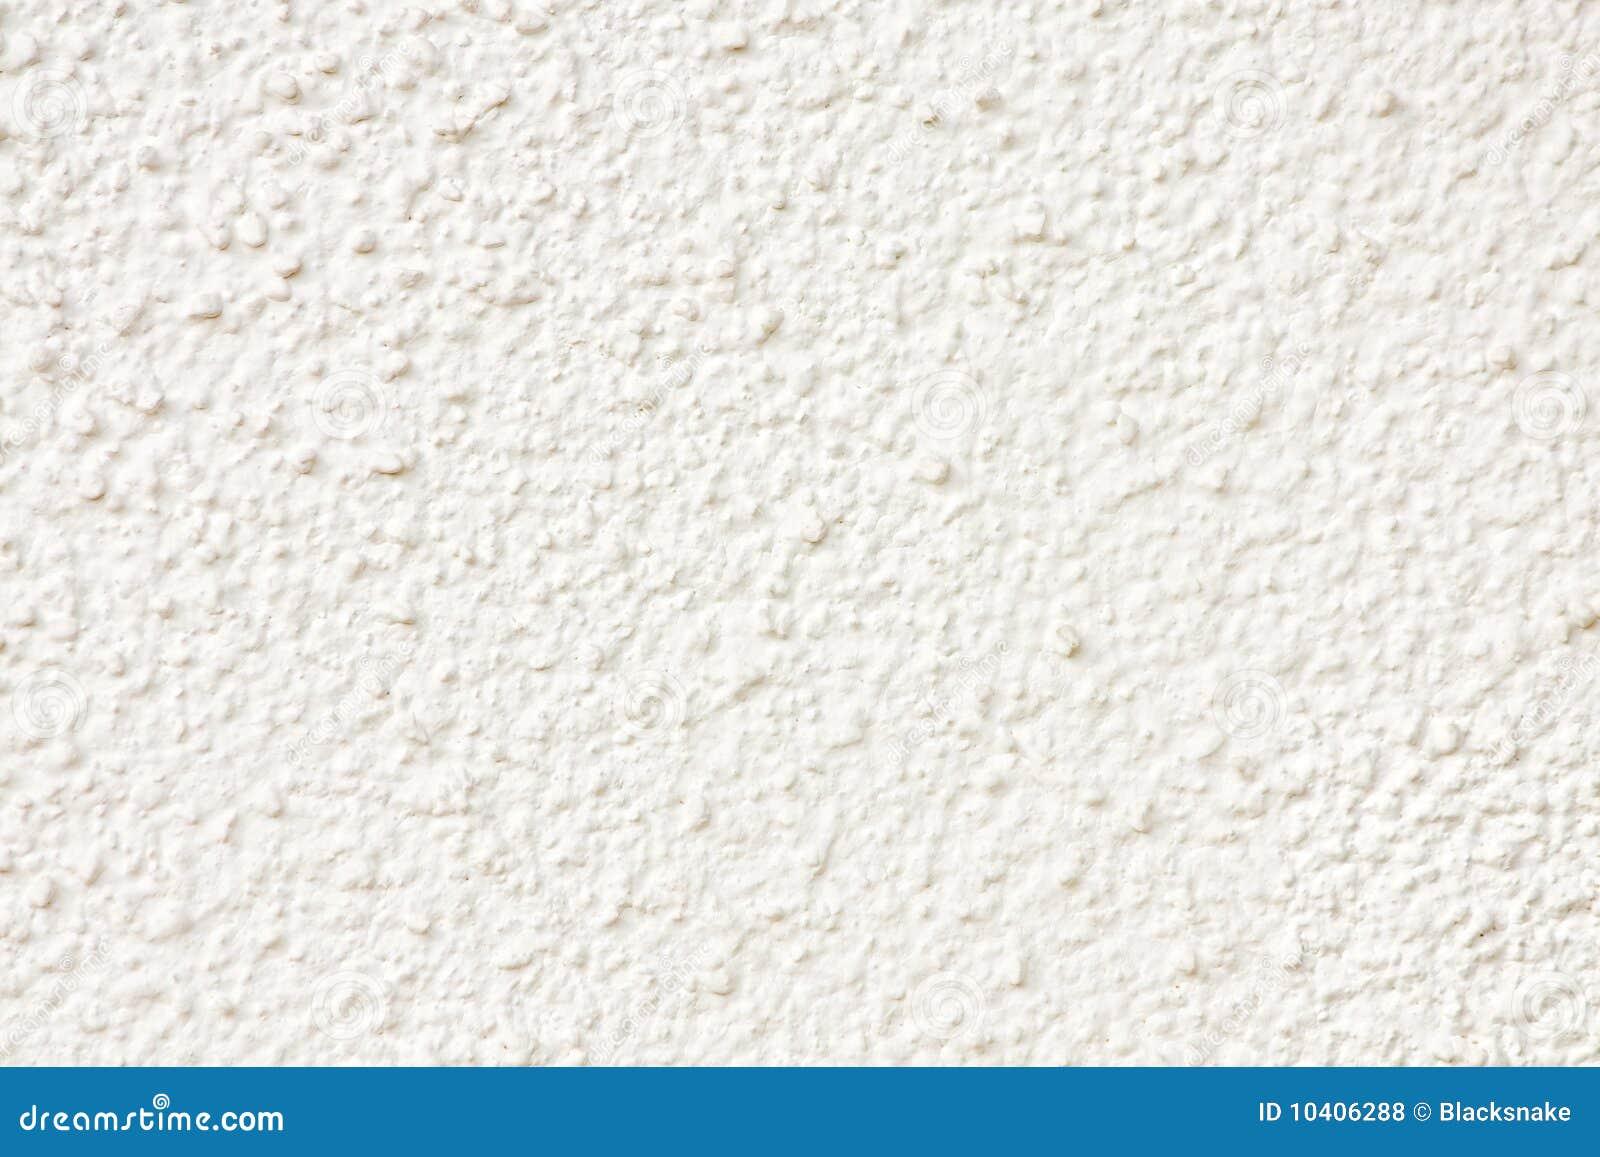 Textura blanca de la fachada de la pared fotos de archivo for Textura de pared